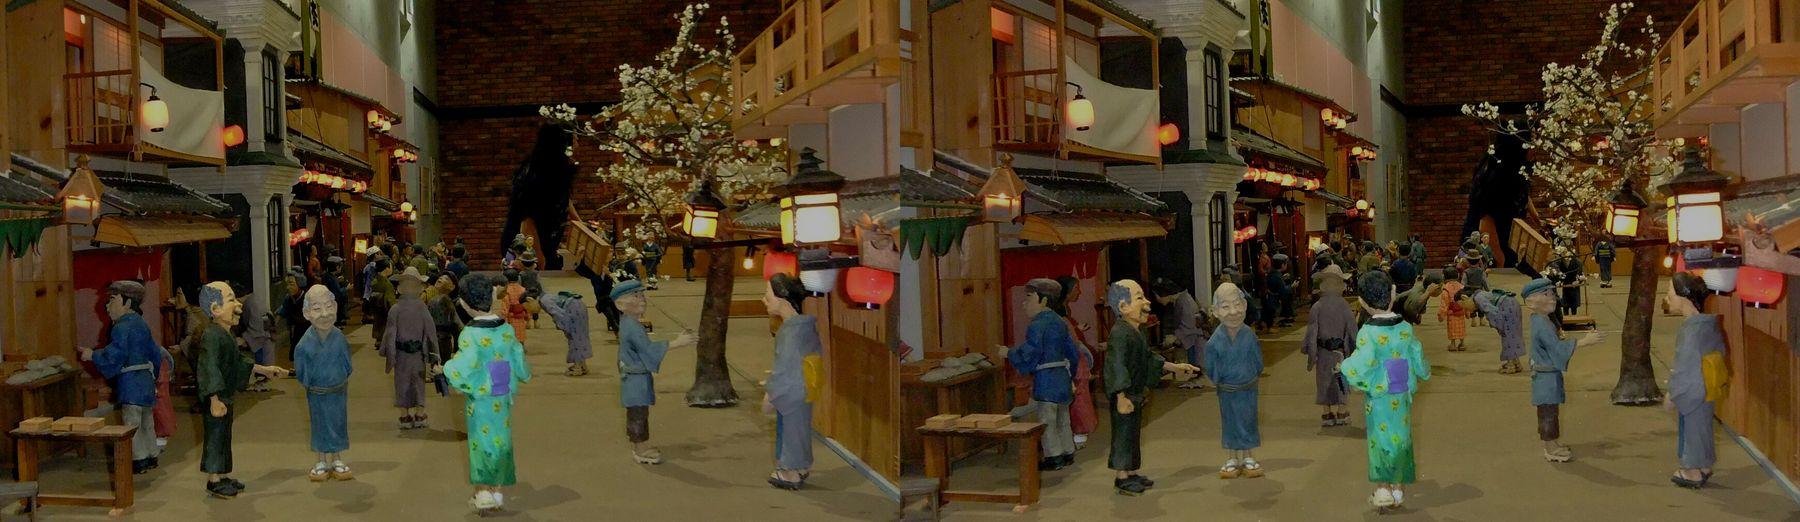 南條亮 Diorama Figure Doll Dollphotogallery DollPhotography Doll Photography 3dpicture 3D Photo 3D